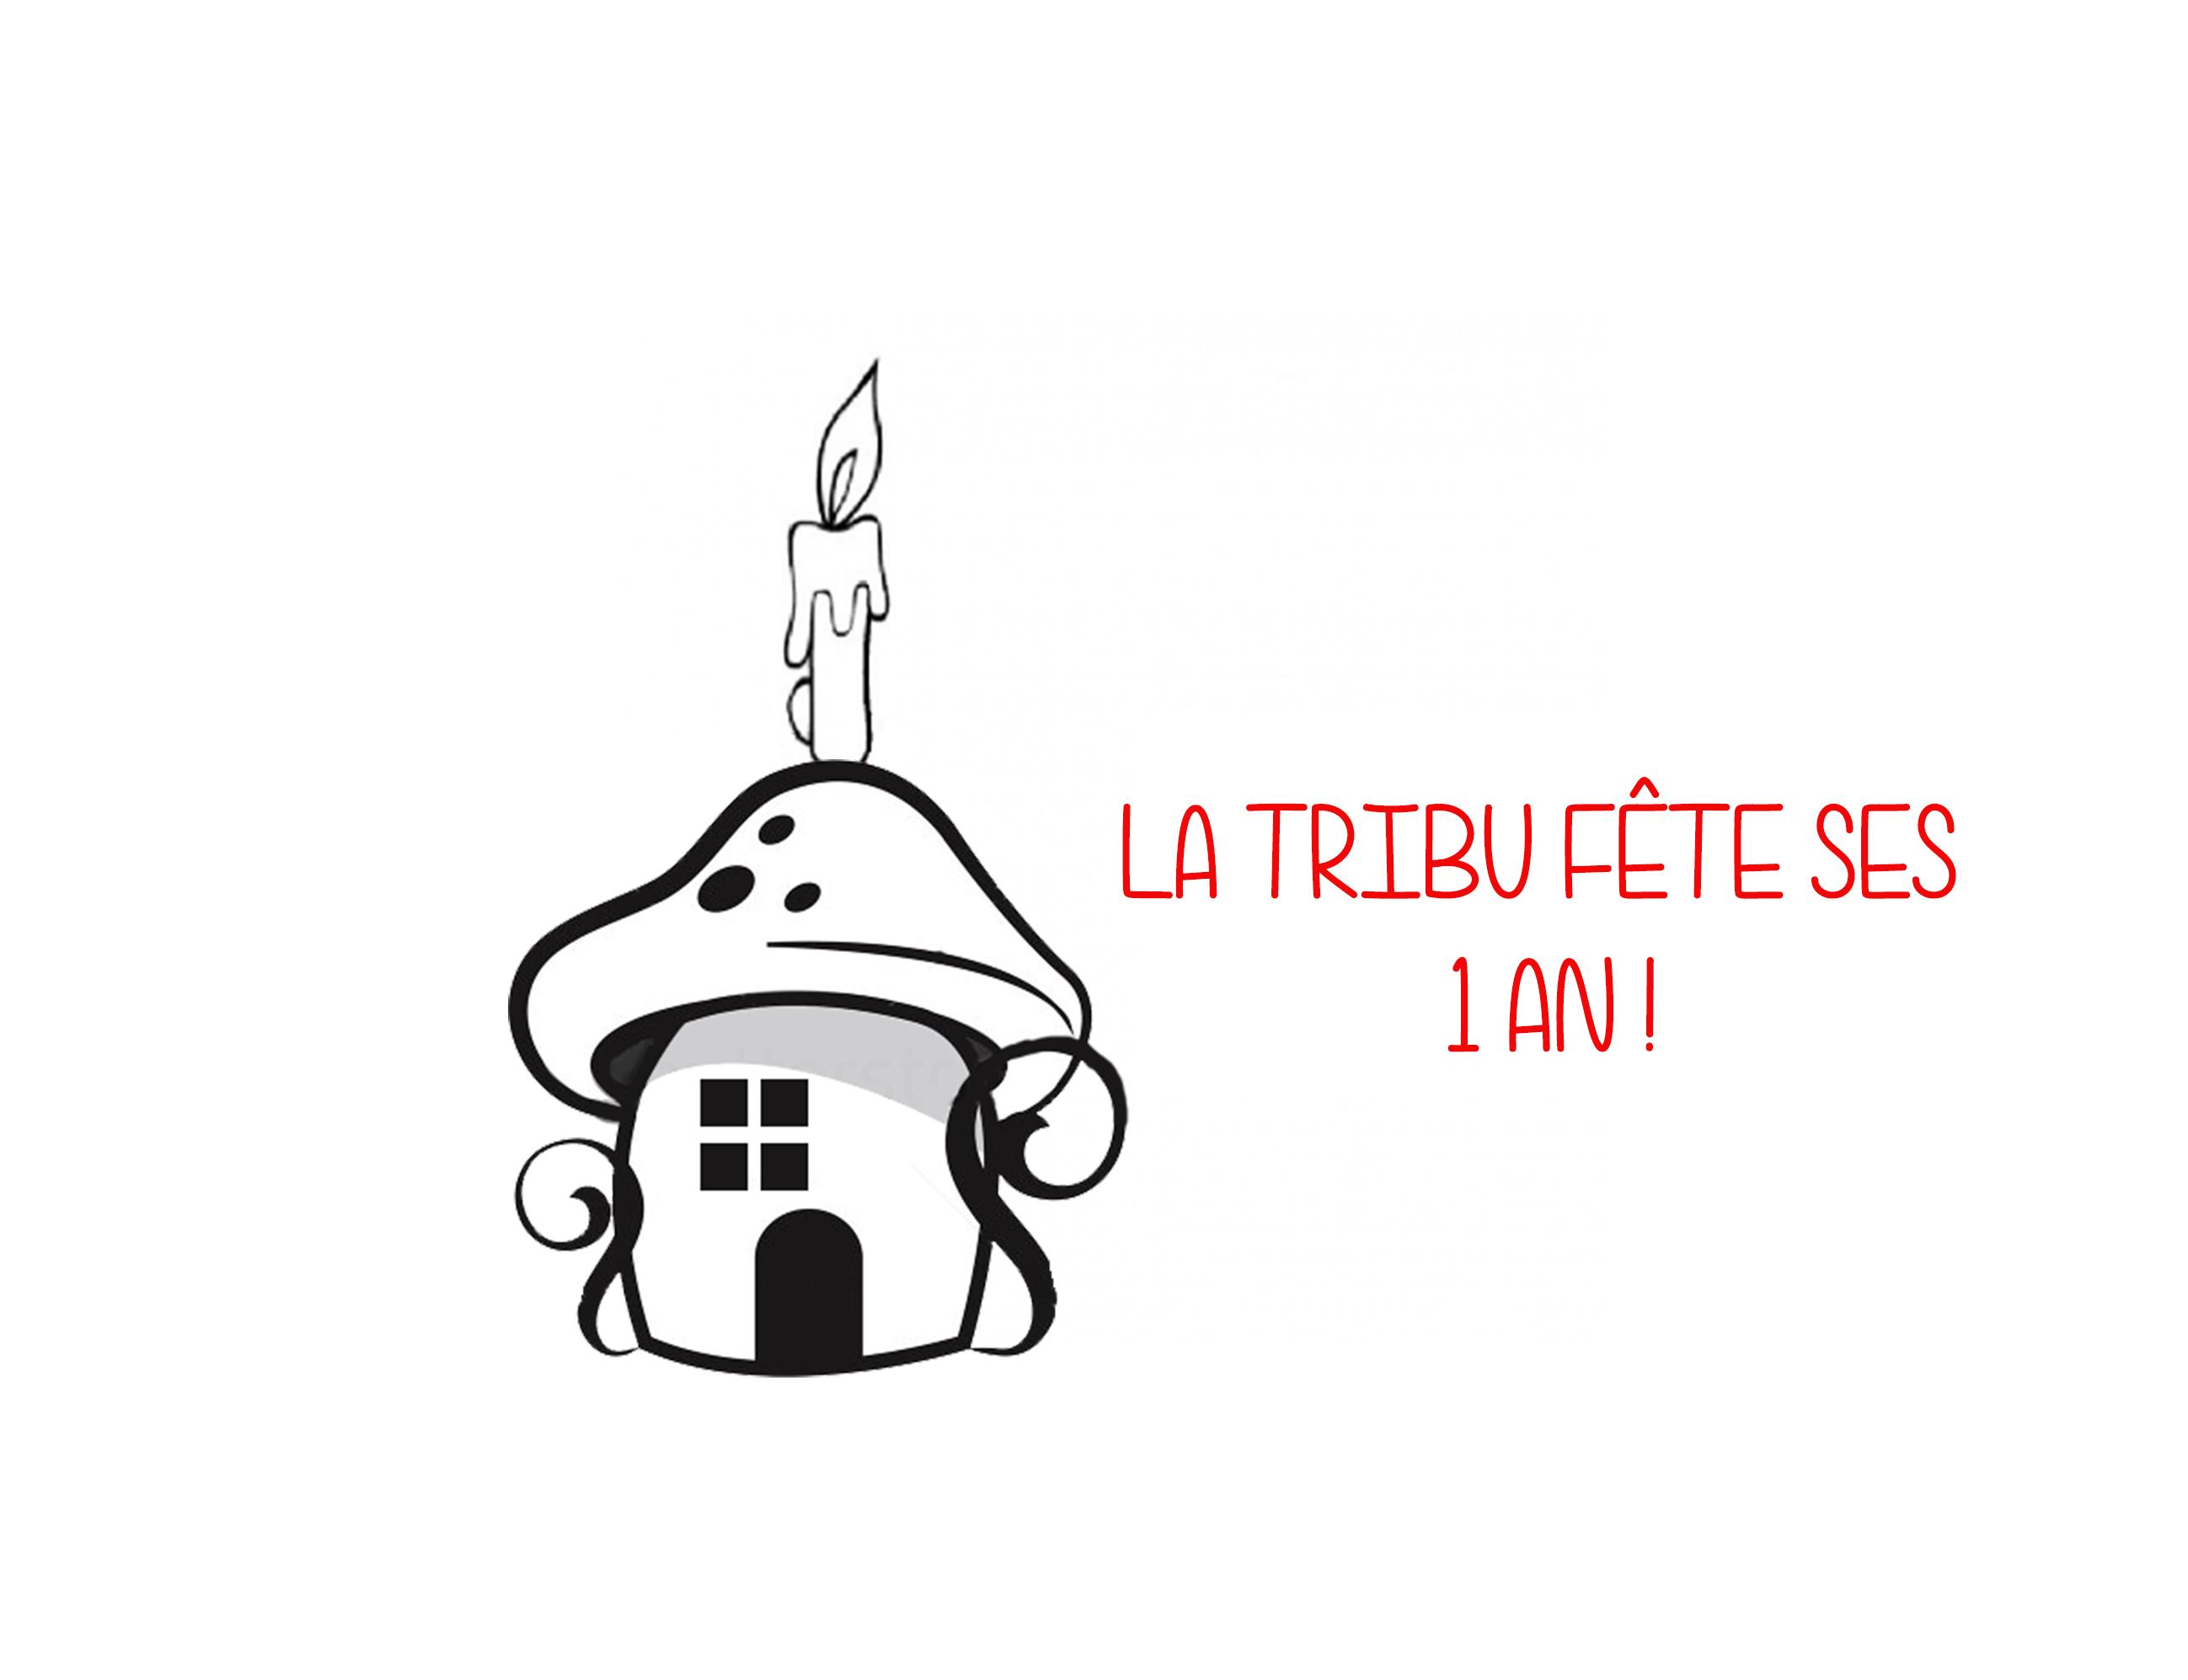 Gîte de 12 personnes en Creuse - Logo 1 an